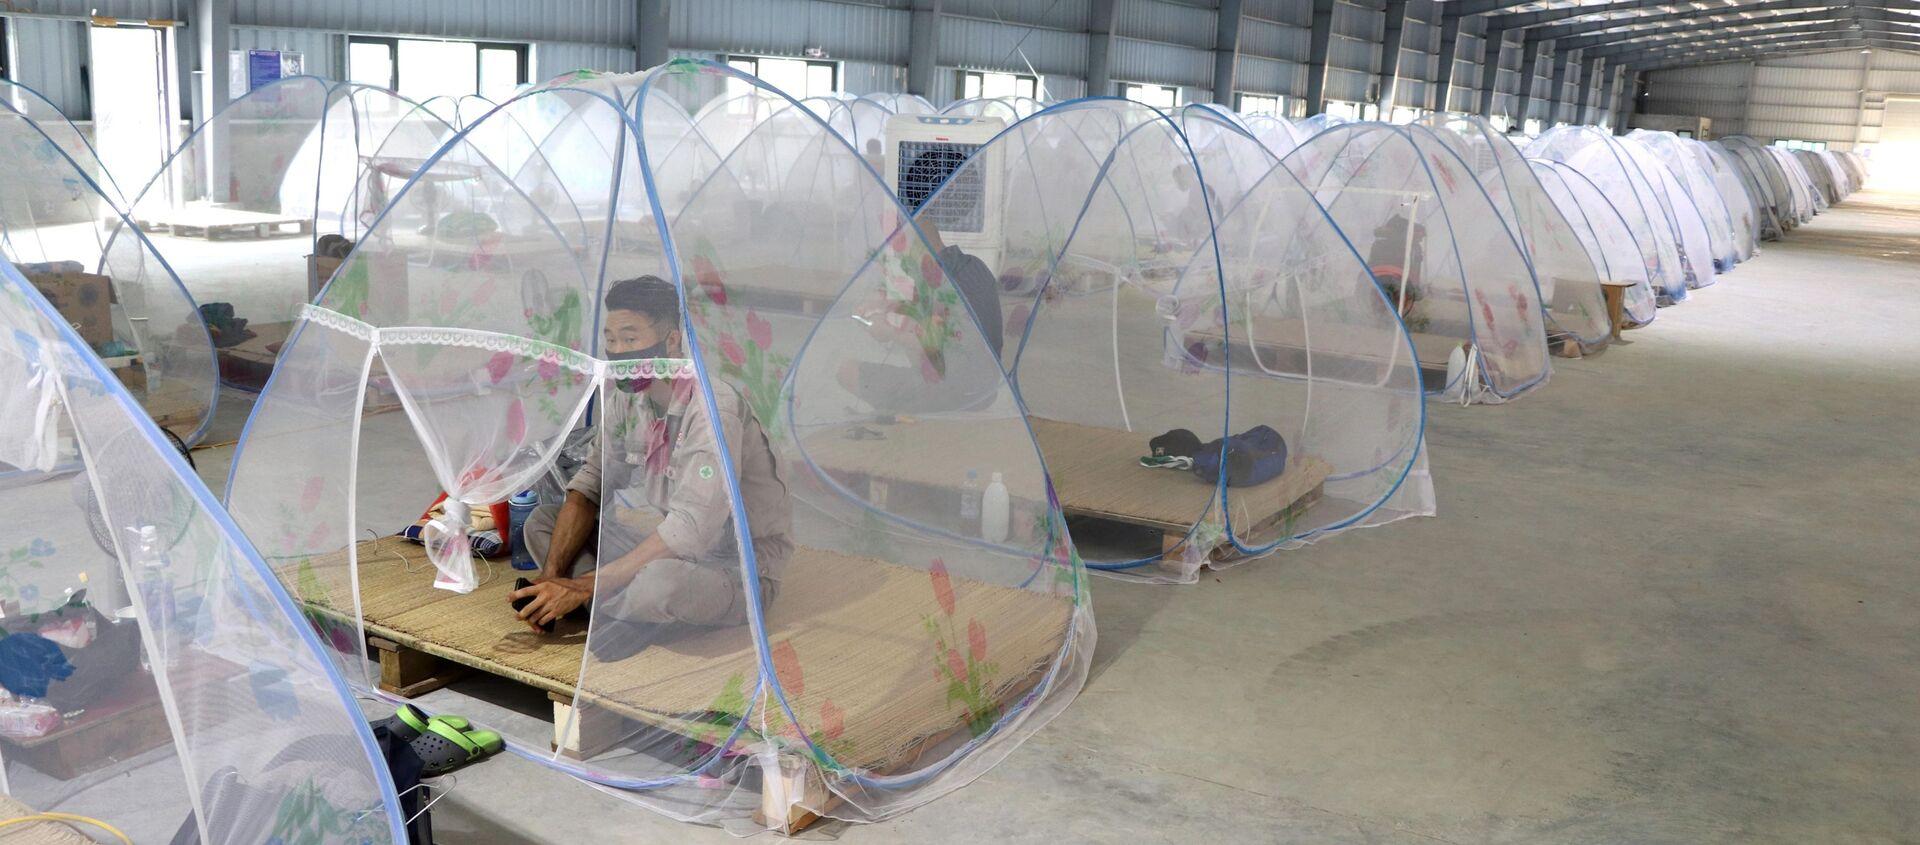 """COVID-19: Hải Phòng triển khai thí điểm phương án """"3 tại chỗ"""" ở một số doanh nghiệp trong khu công nghiệp - Sputnik Việt Nam, 1920, 12.08.2021"""